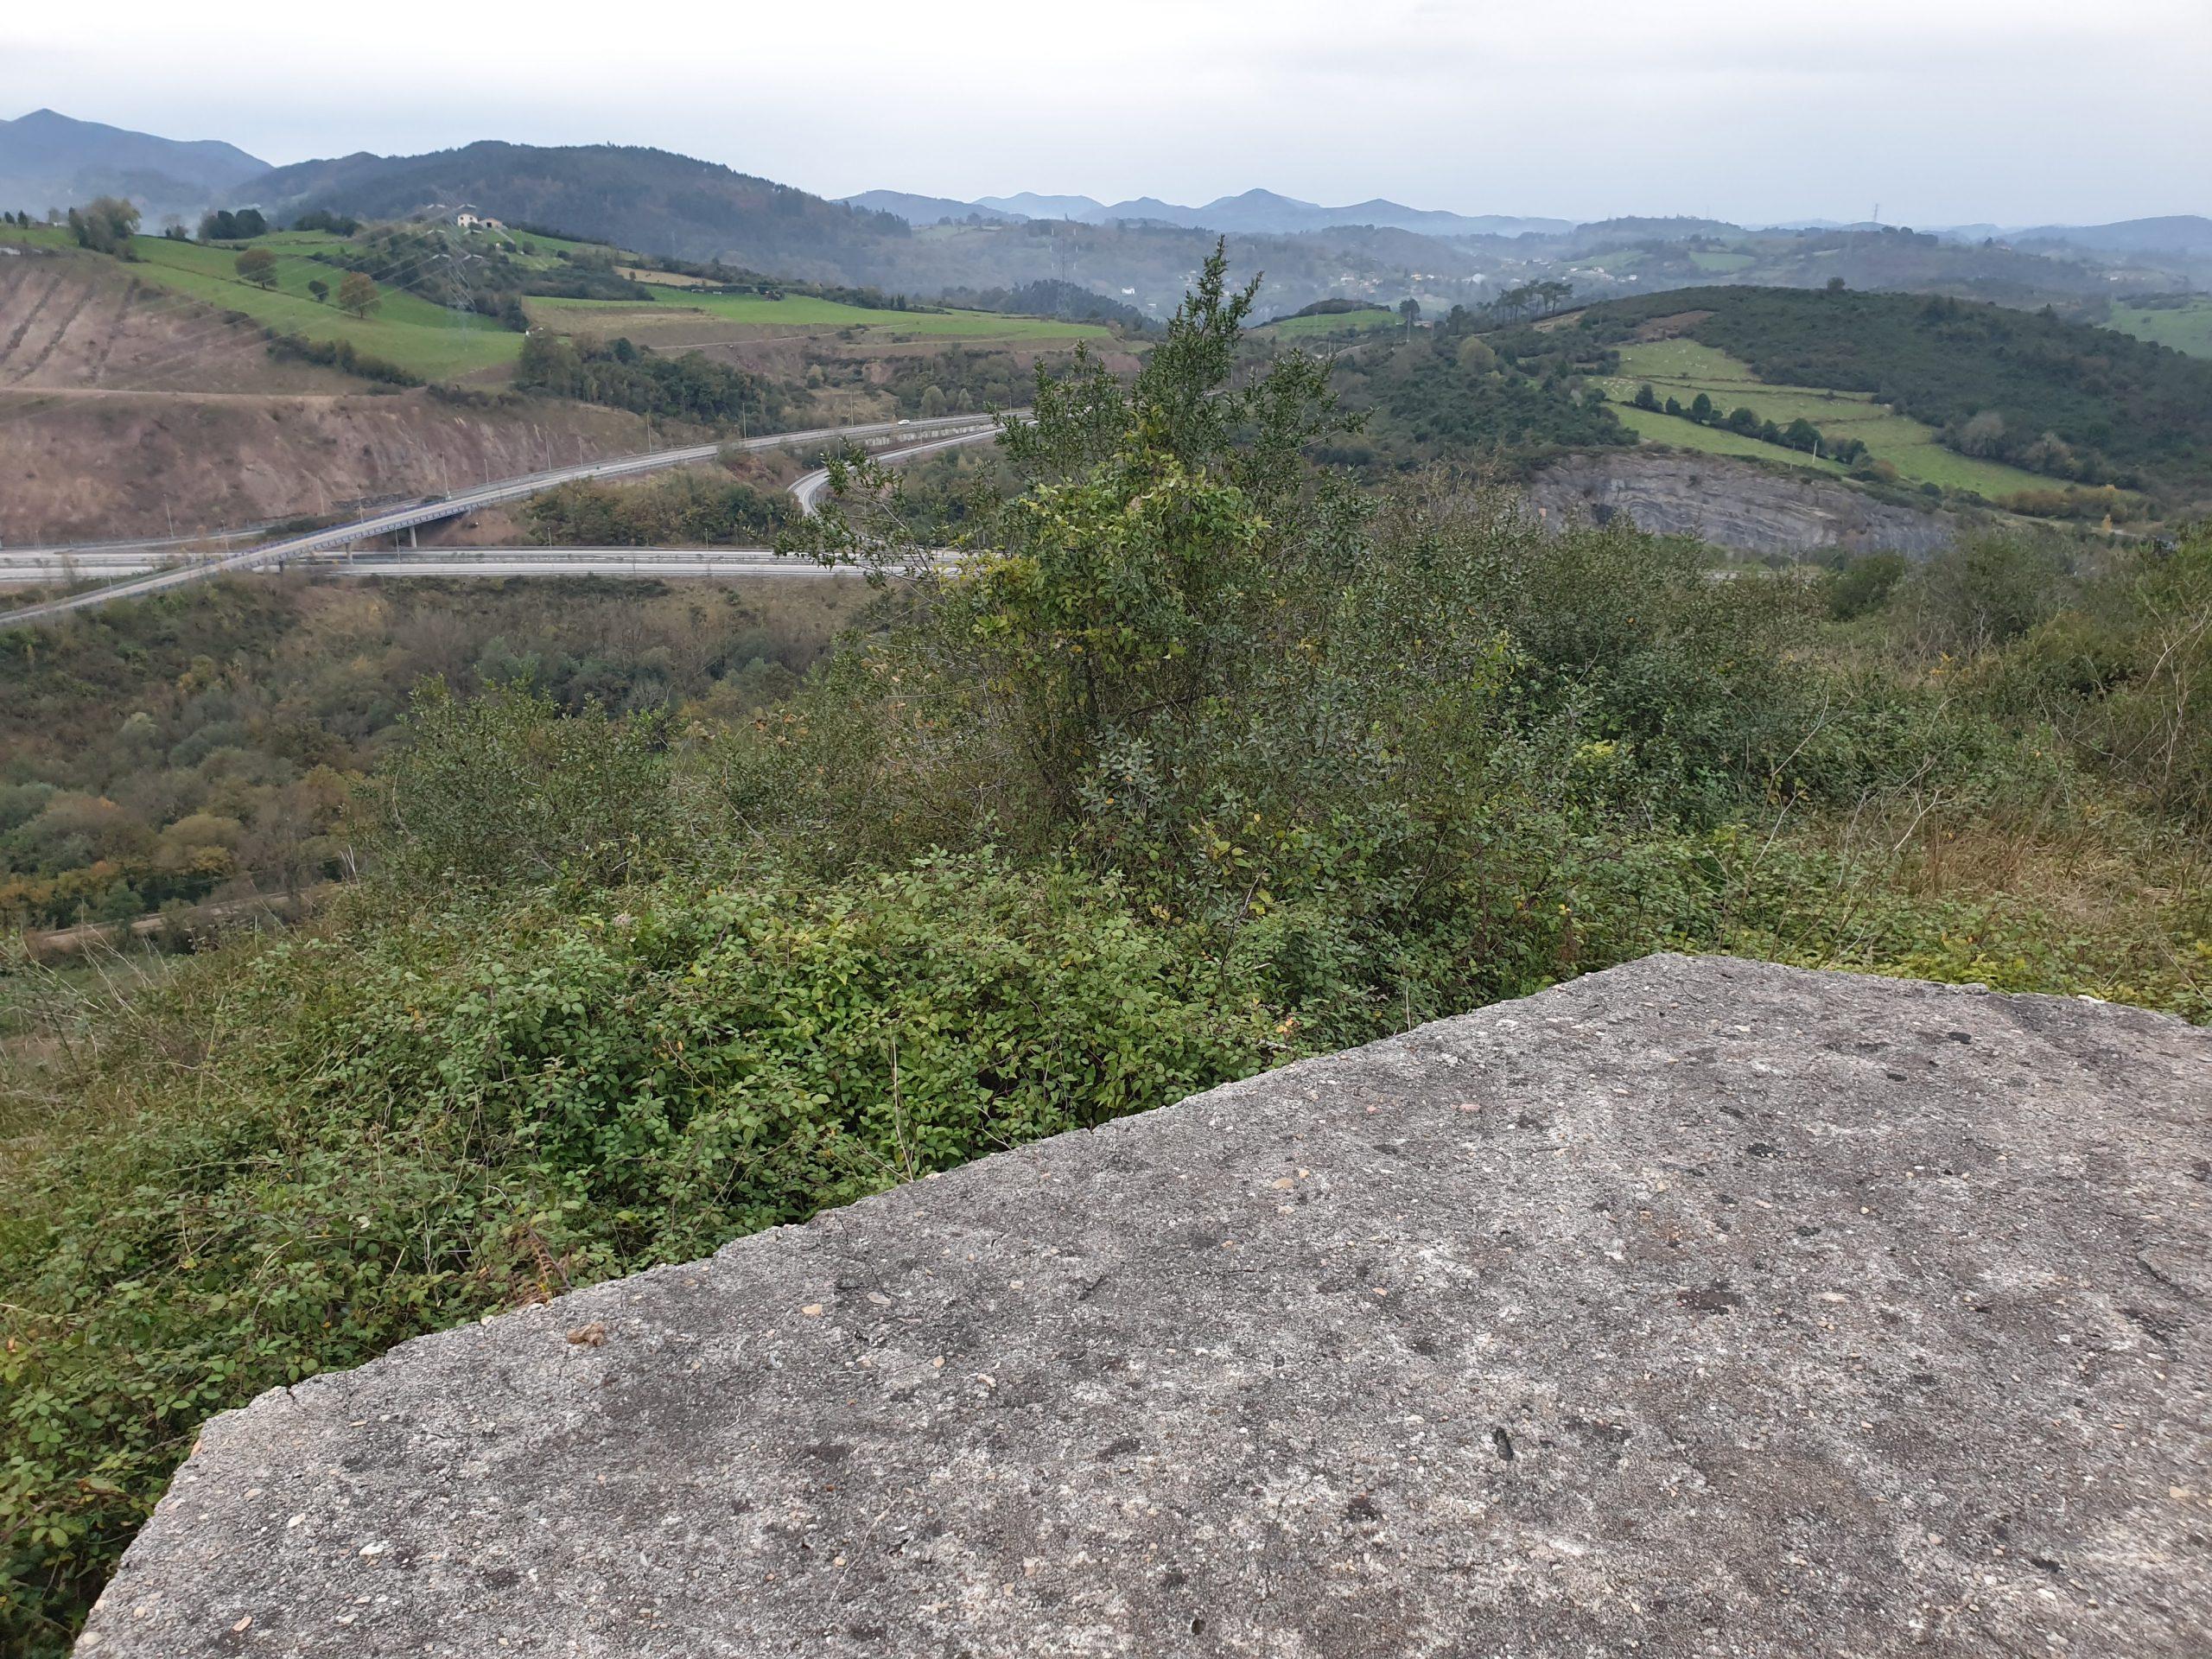 Enlace a Trubia de la A-63 visto desde encima del fortín de La Planadera